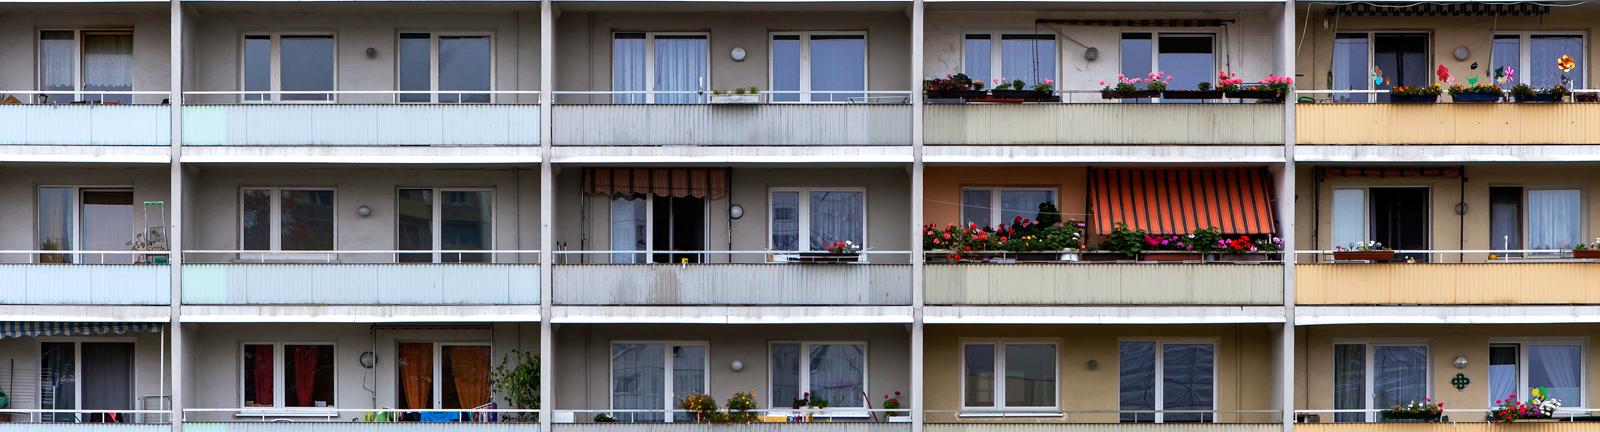 Wohnhaus mit Balkonen